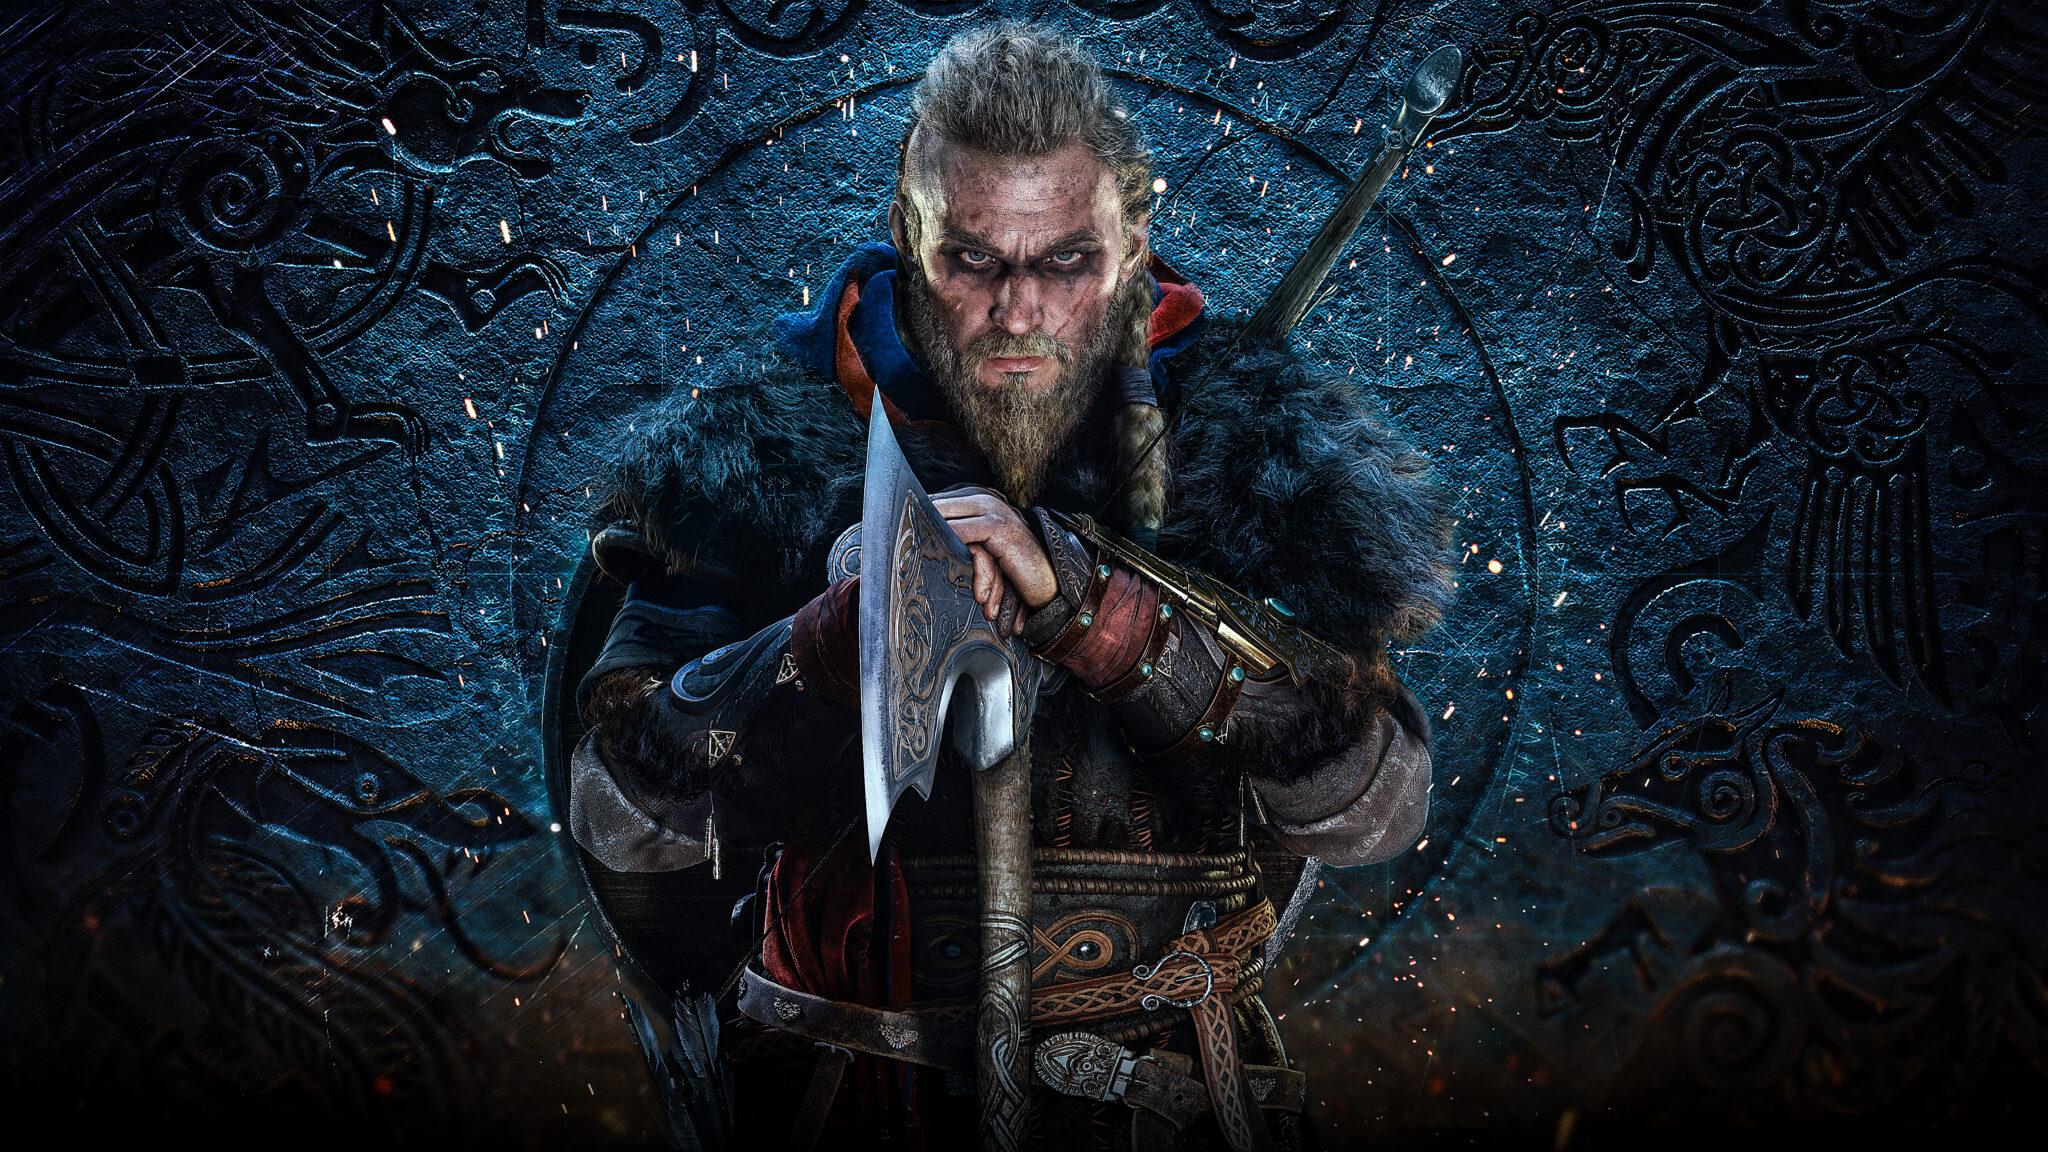 Assassin's Creed Valhalla art